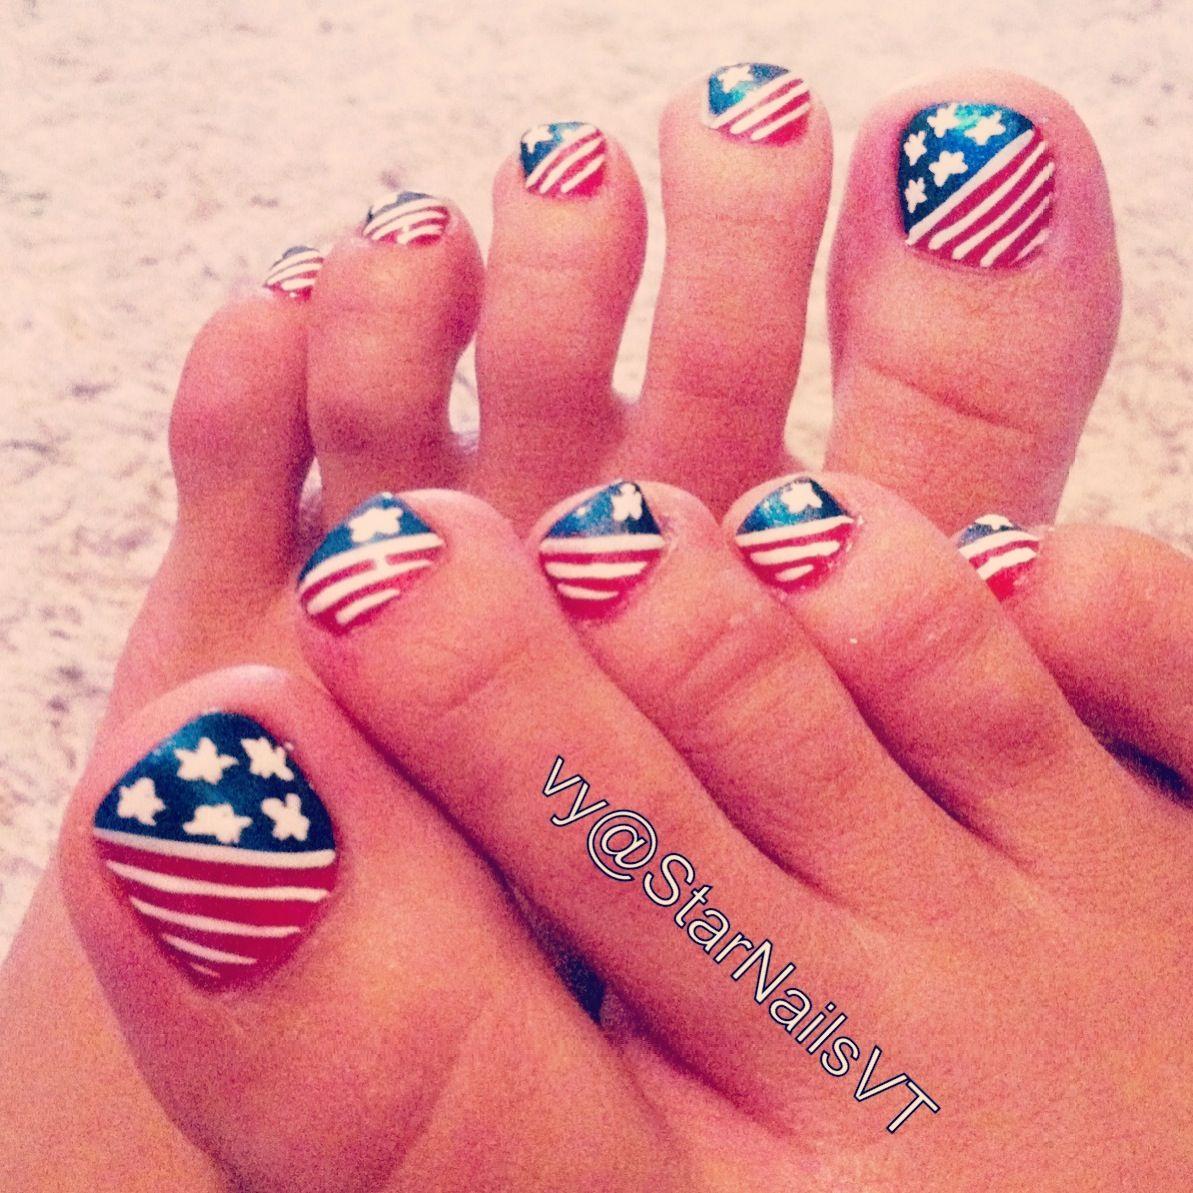 July 4th toe nail design | Cool Nails | Pinterest | Toe nail designs ...